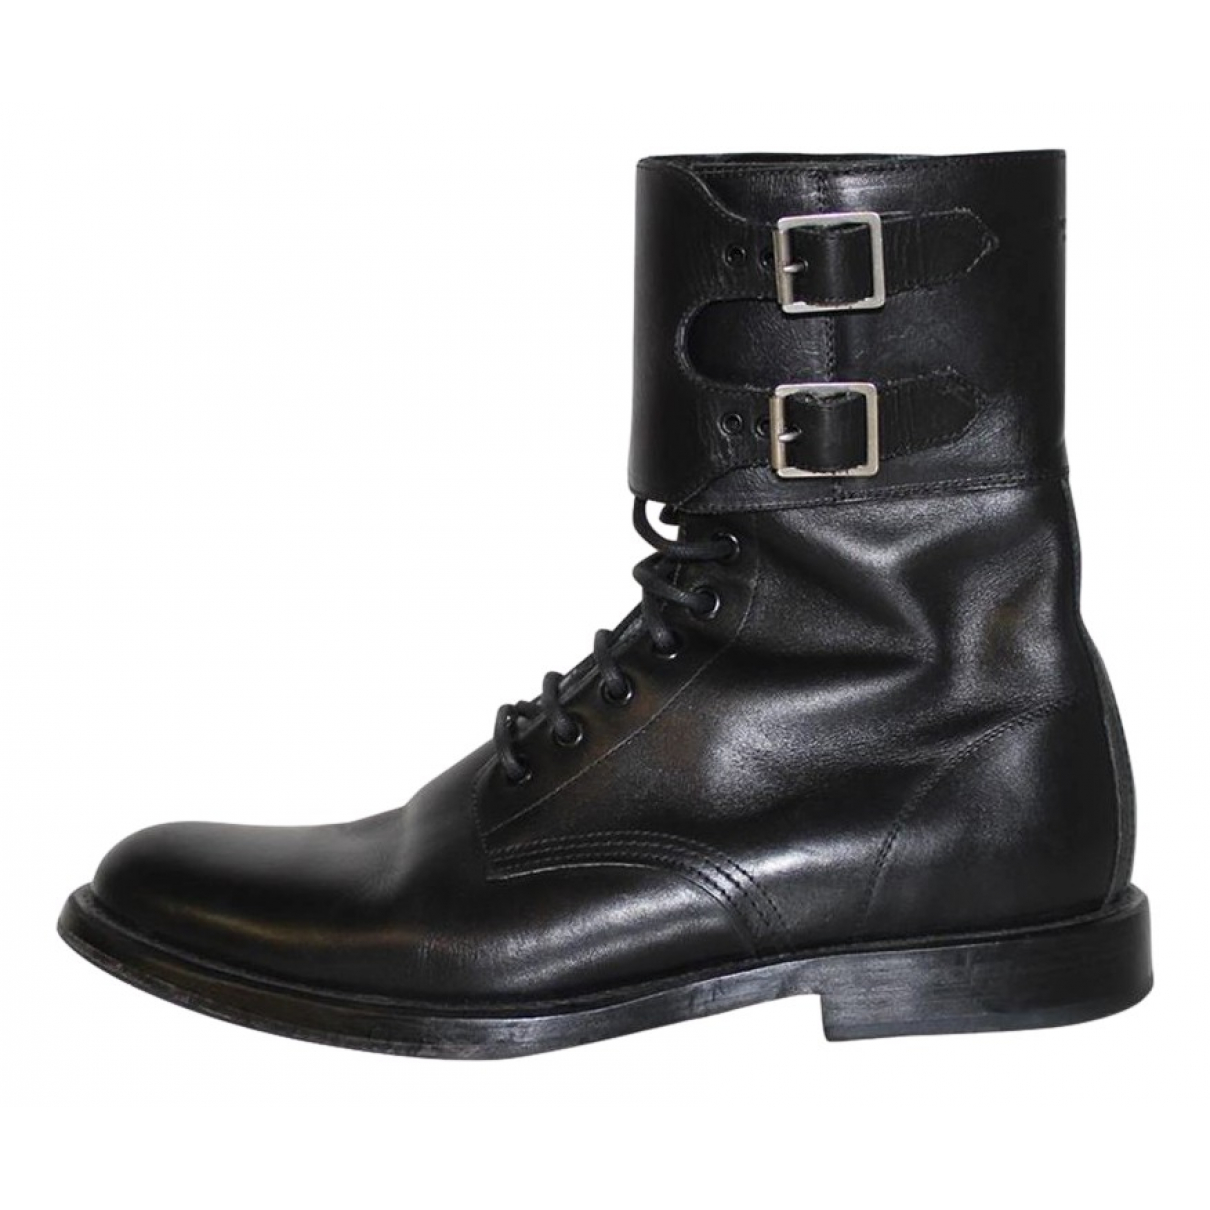 Saint Laurent N Black Leather Boots for Men 39 EU